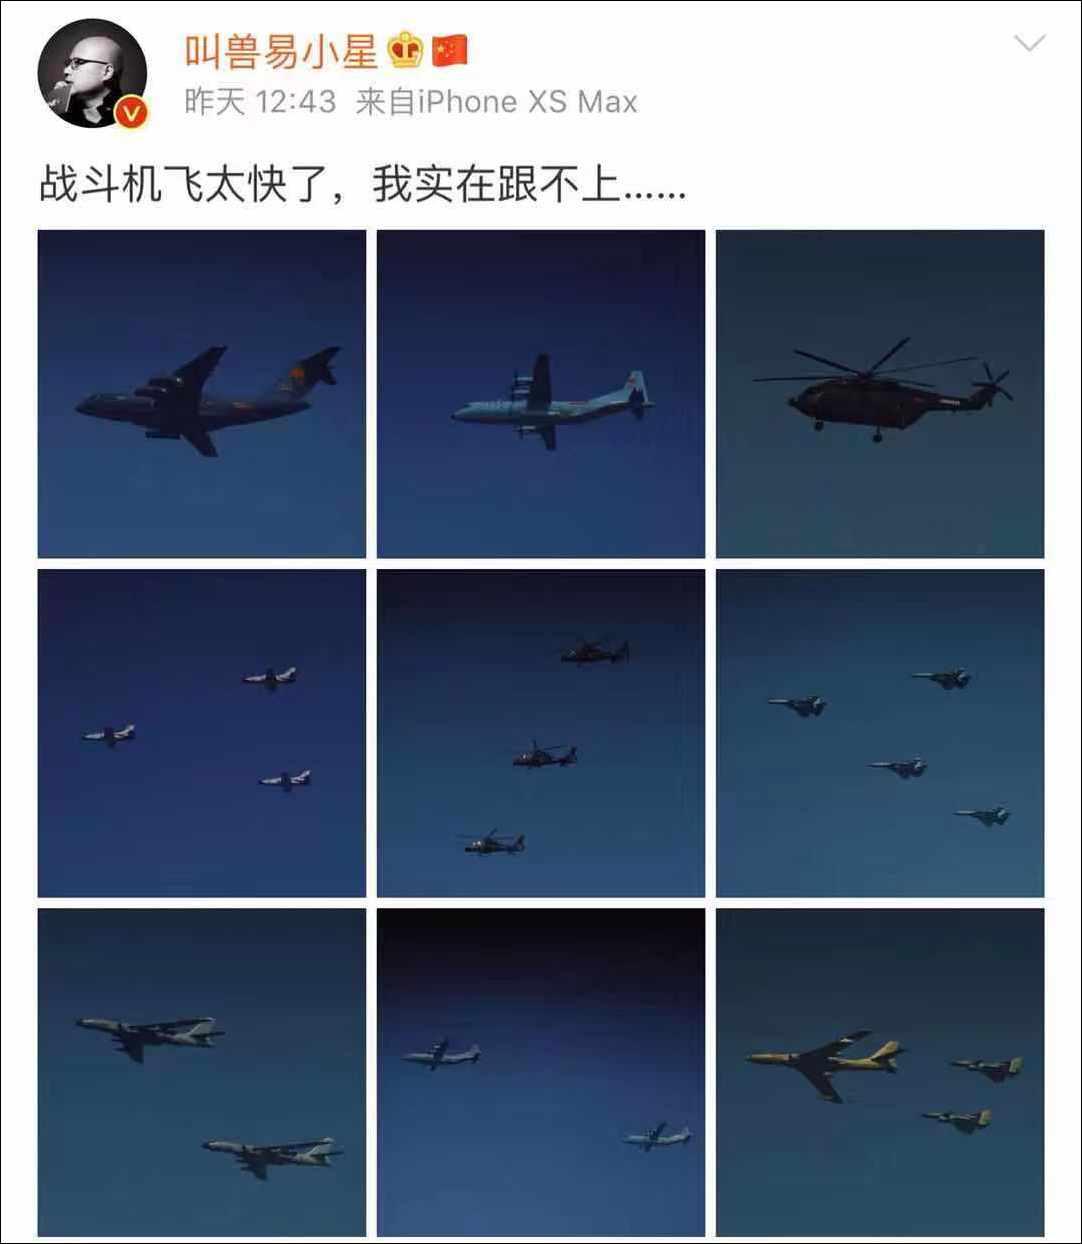 """空军地勤私信网友""""求原图""""只希望多保留本人负责飞机的记忆"""